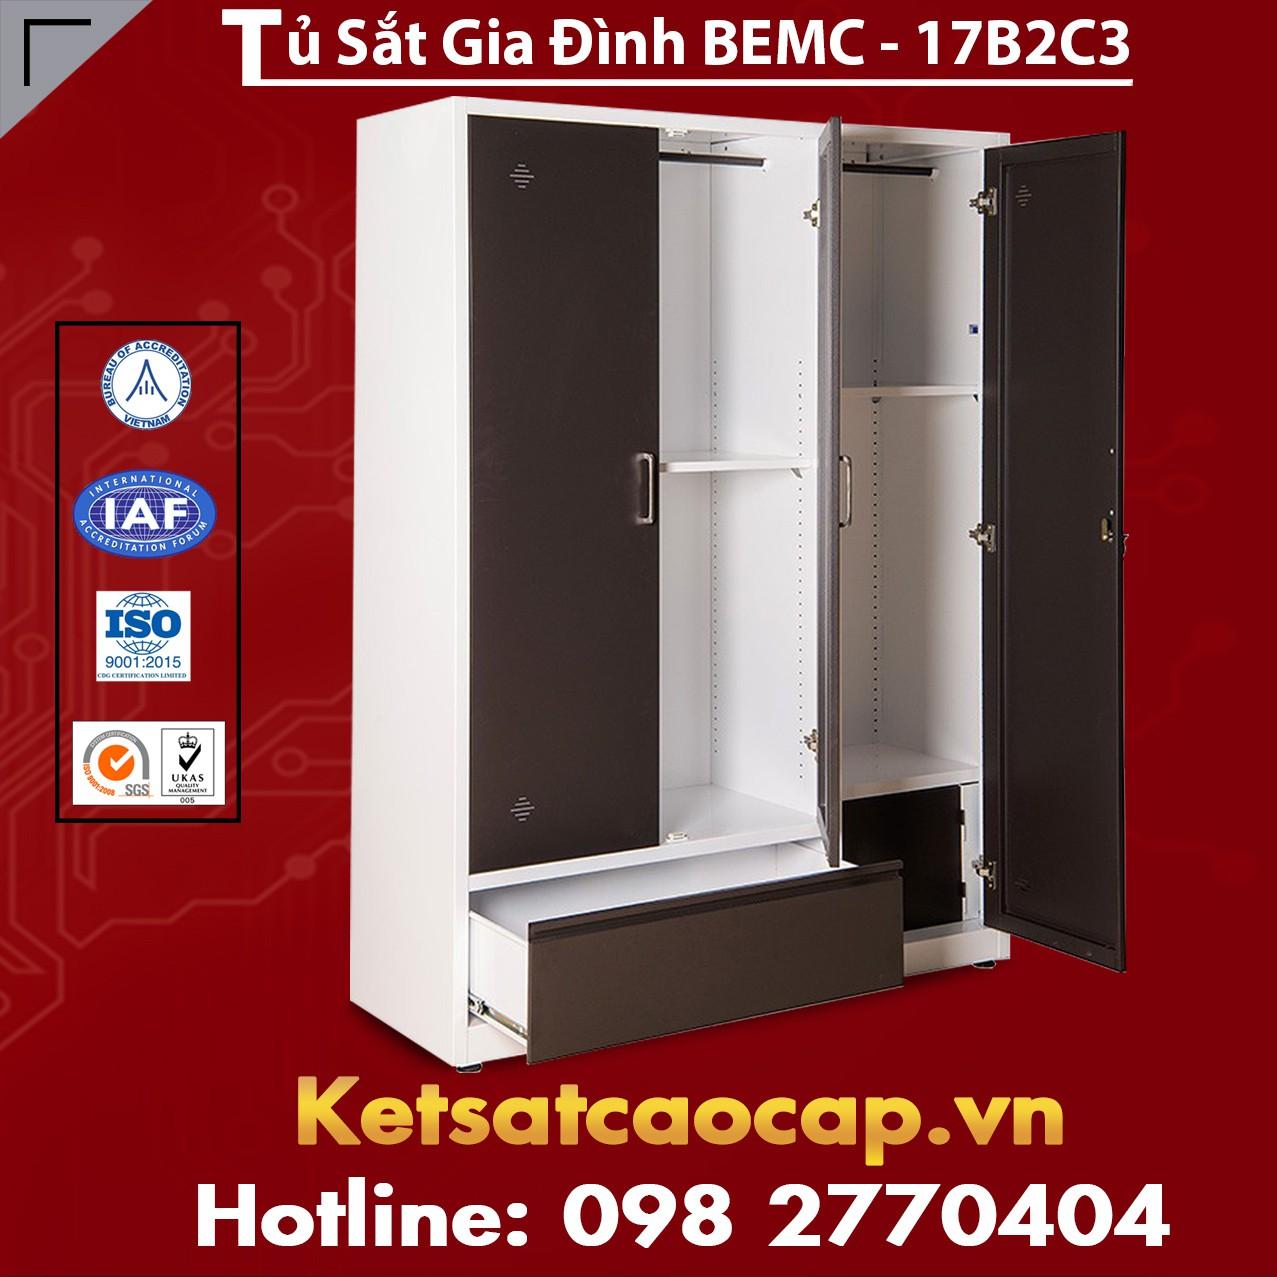 Tủ Sắt Gia Đình BEMC-17B2C3